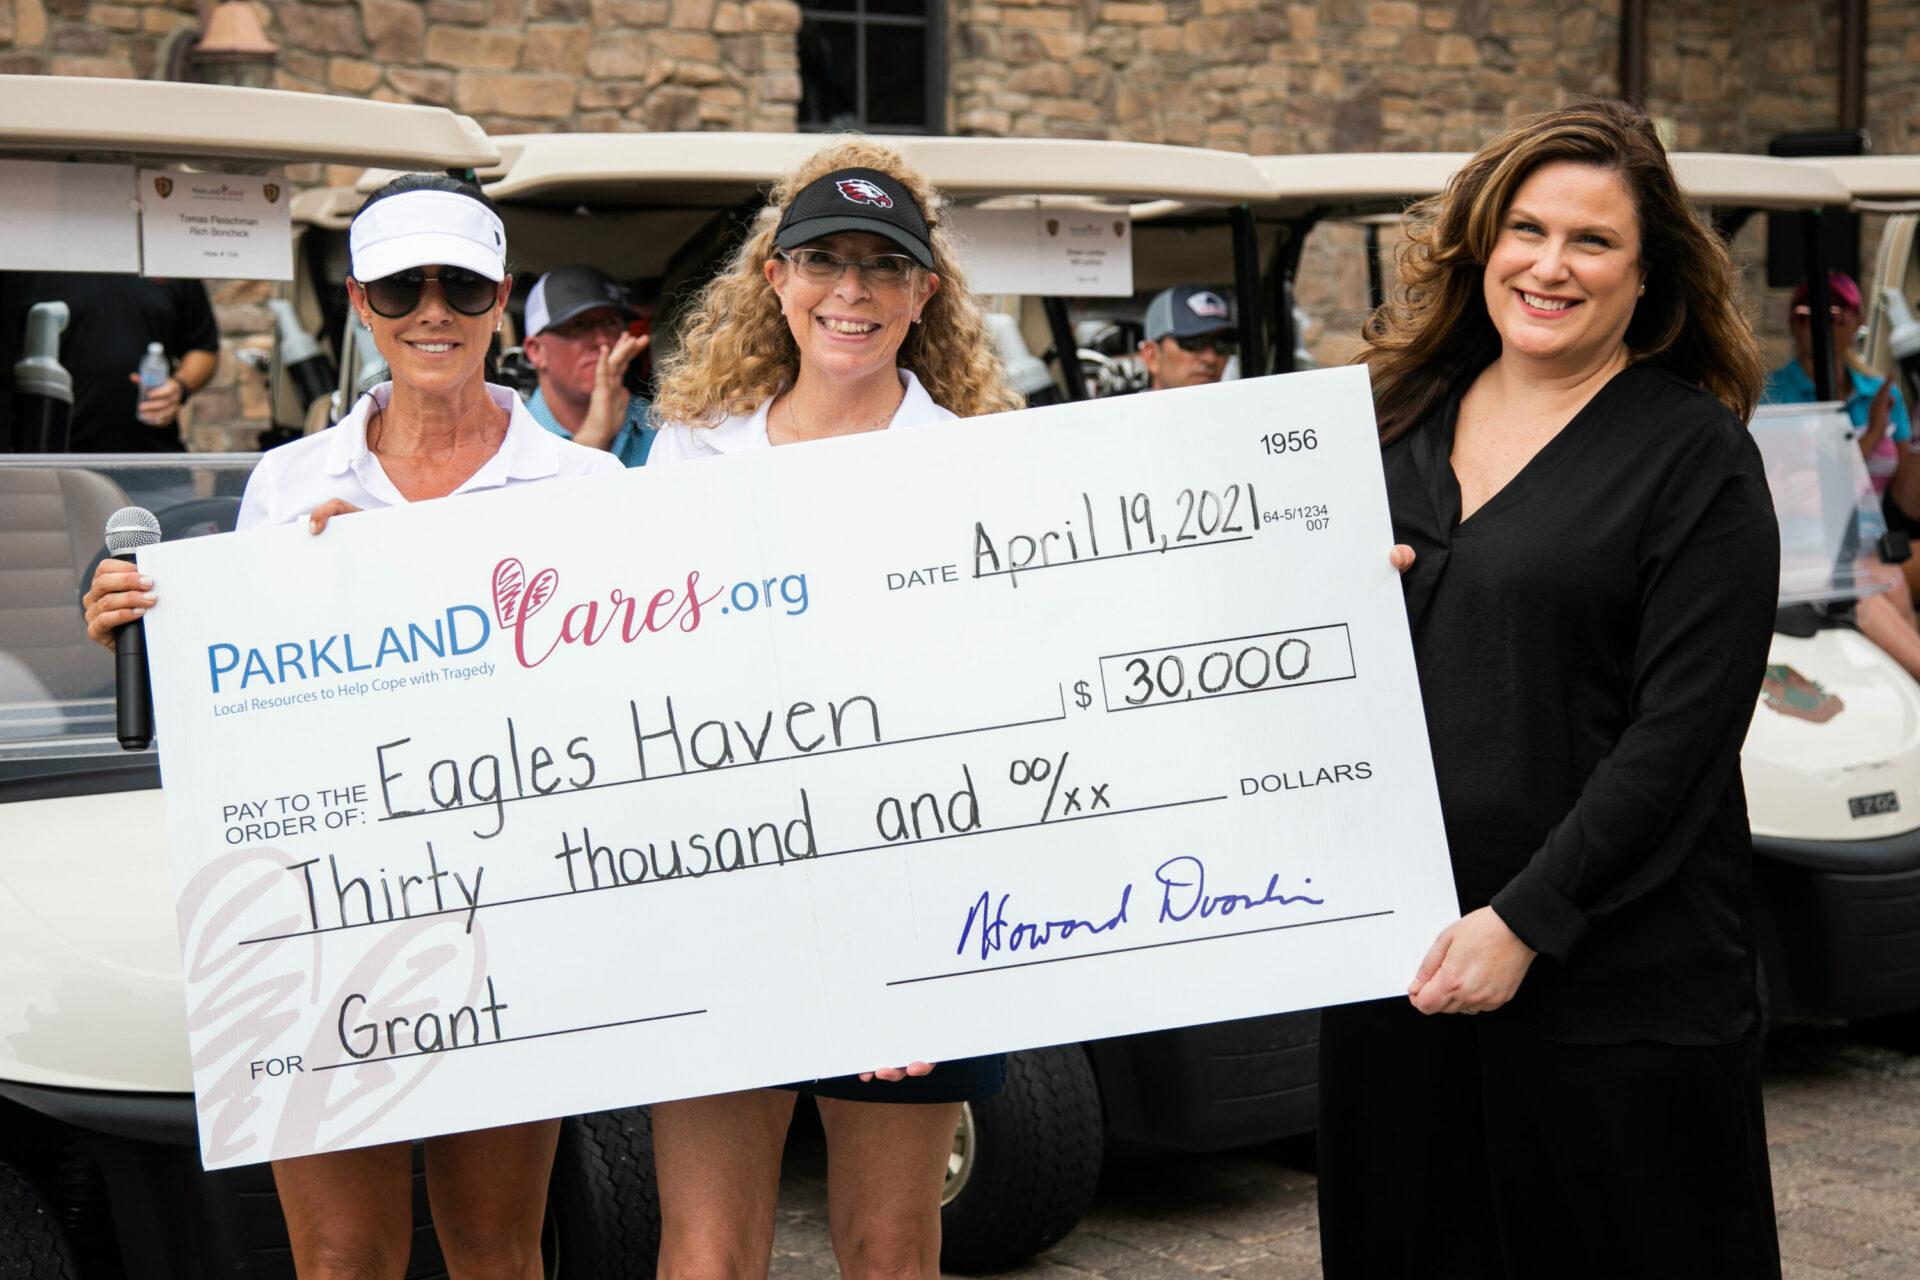 Parkland Cares Golf Tournament grant towards Eagle's Haven